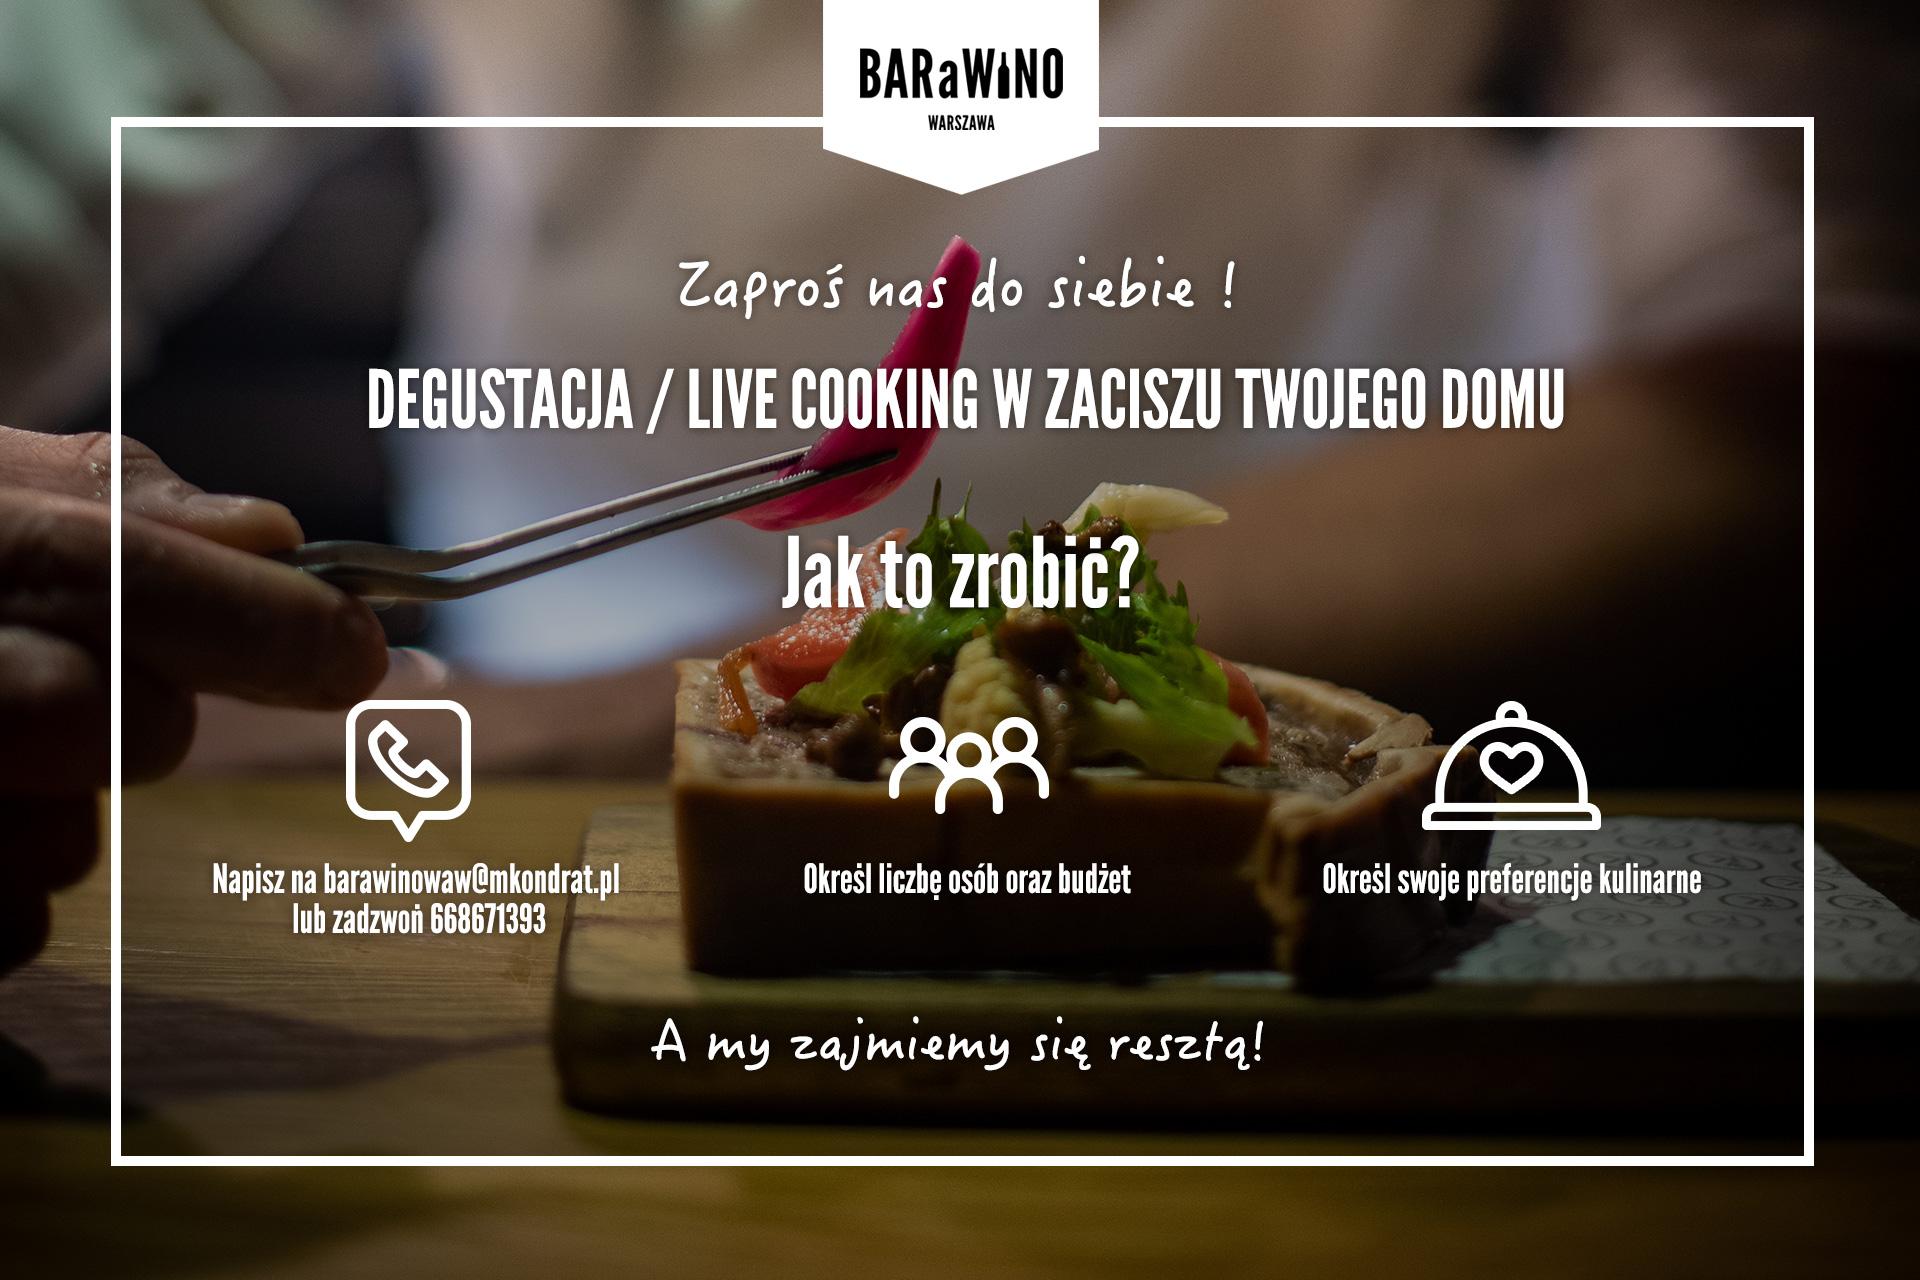 Degustacja / live cooking w zaciszu Twojego domu